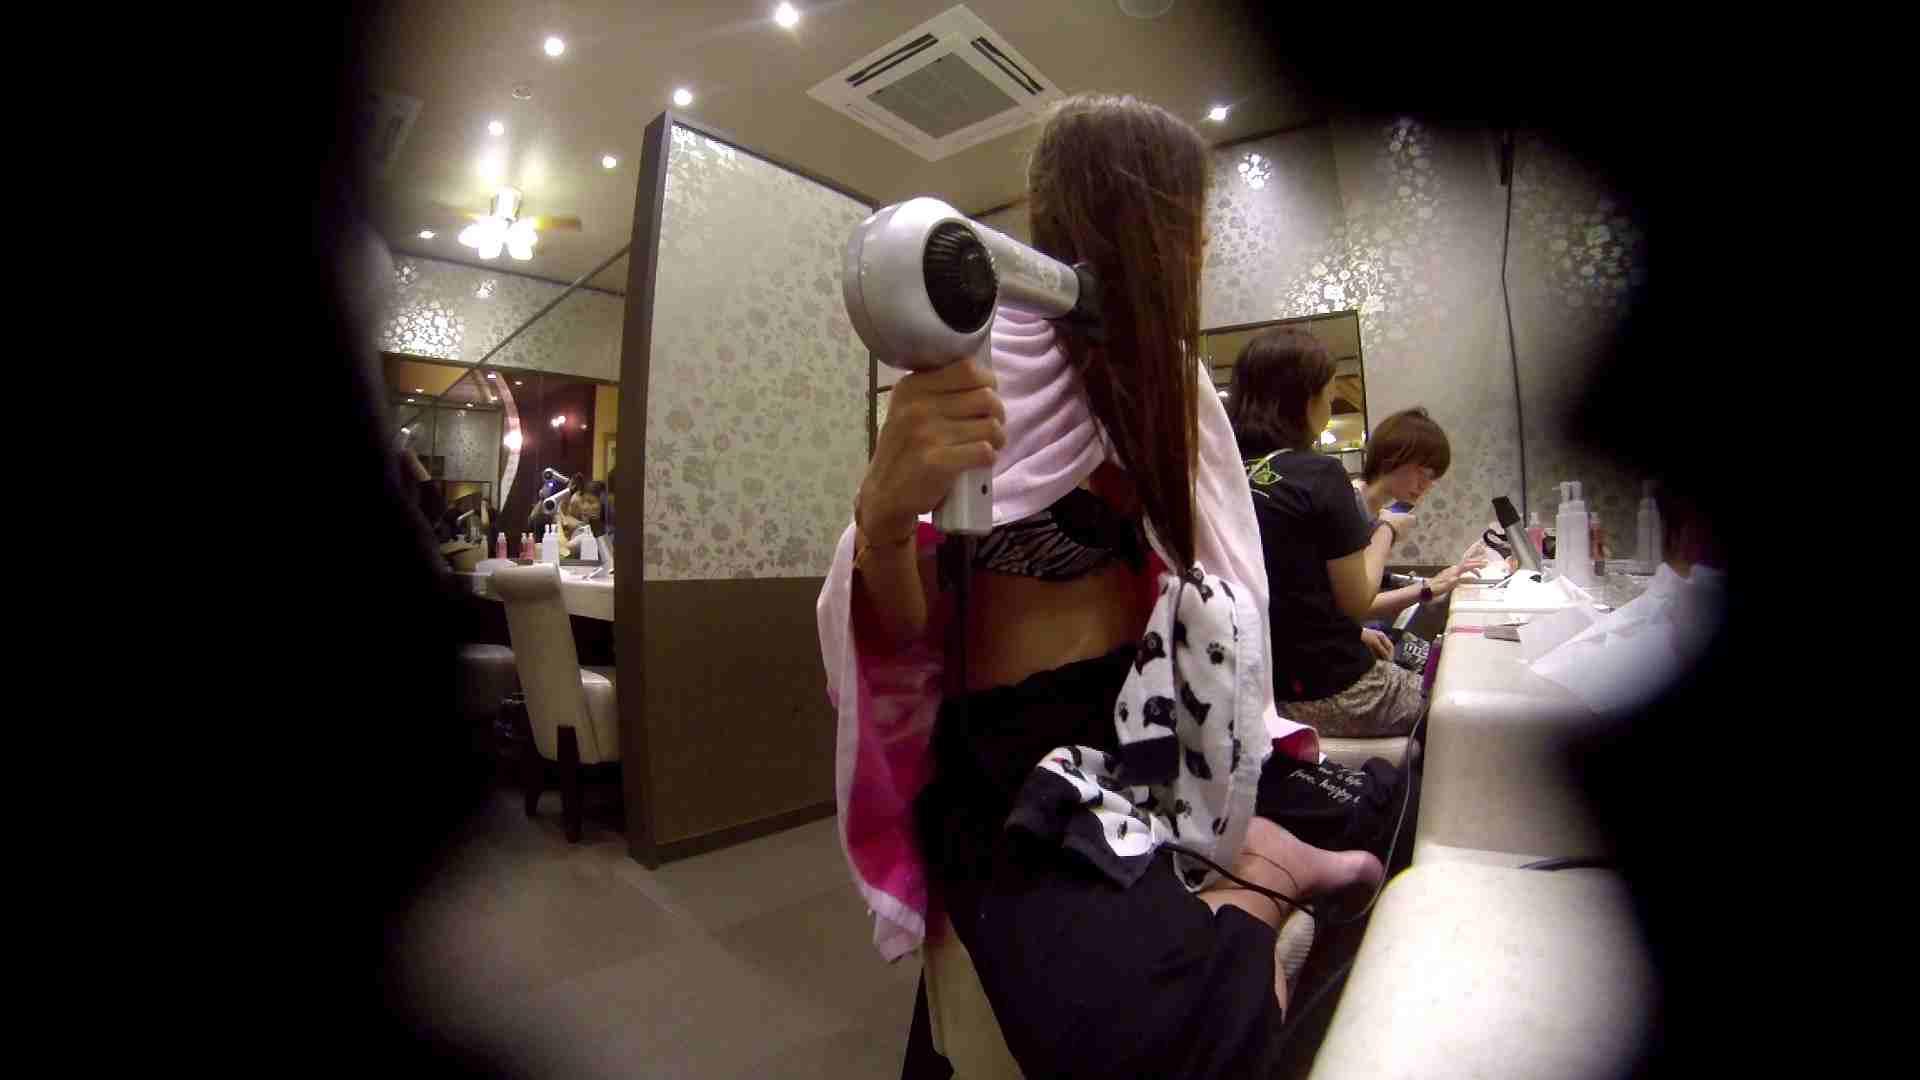 オムニバス!出入り口~シャワー~メイク室と移動。たくさんの女性が登場します 潜入 オメコ動画キャプチャ 92pic 59